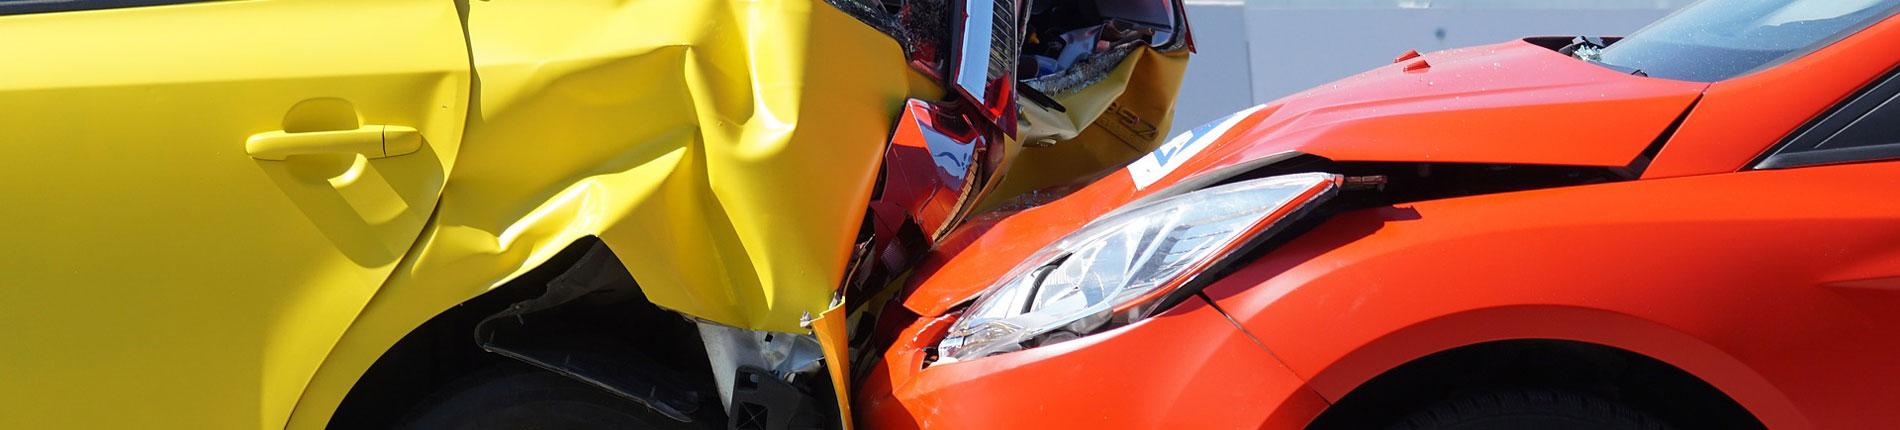 Pomoc drogowa w przypadku kolizji lub wypadku